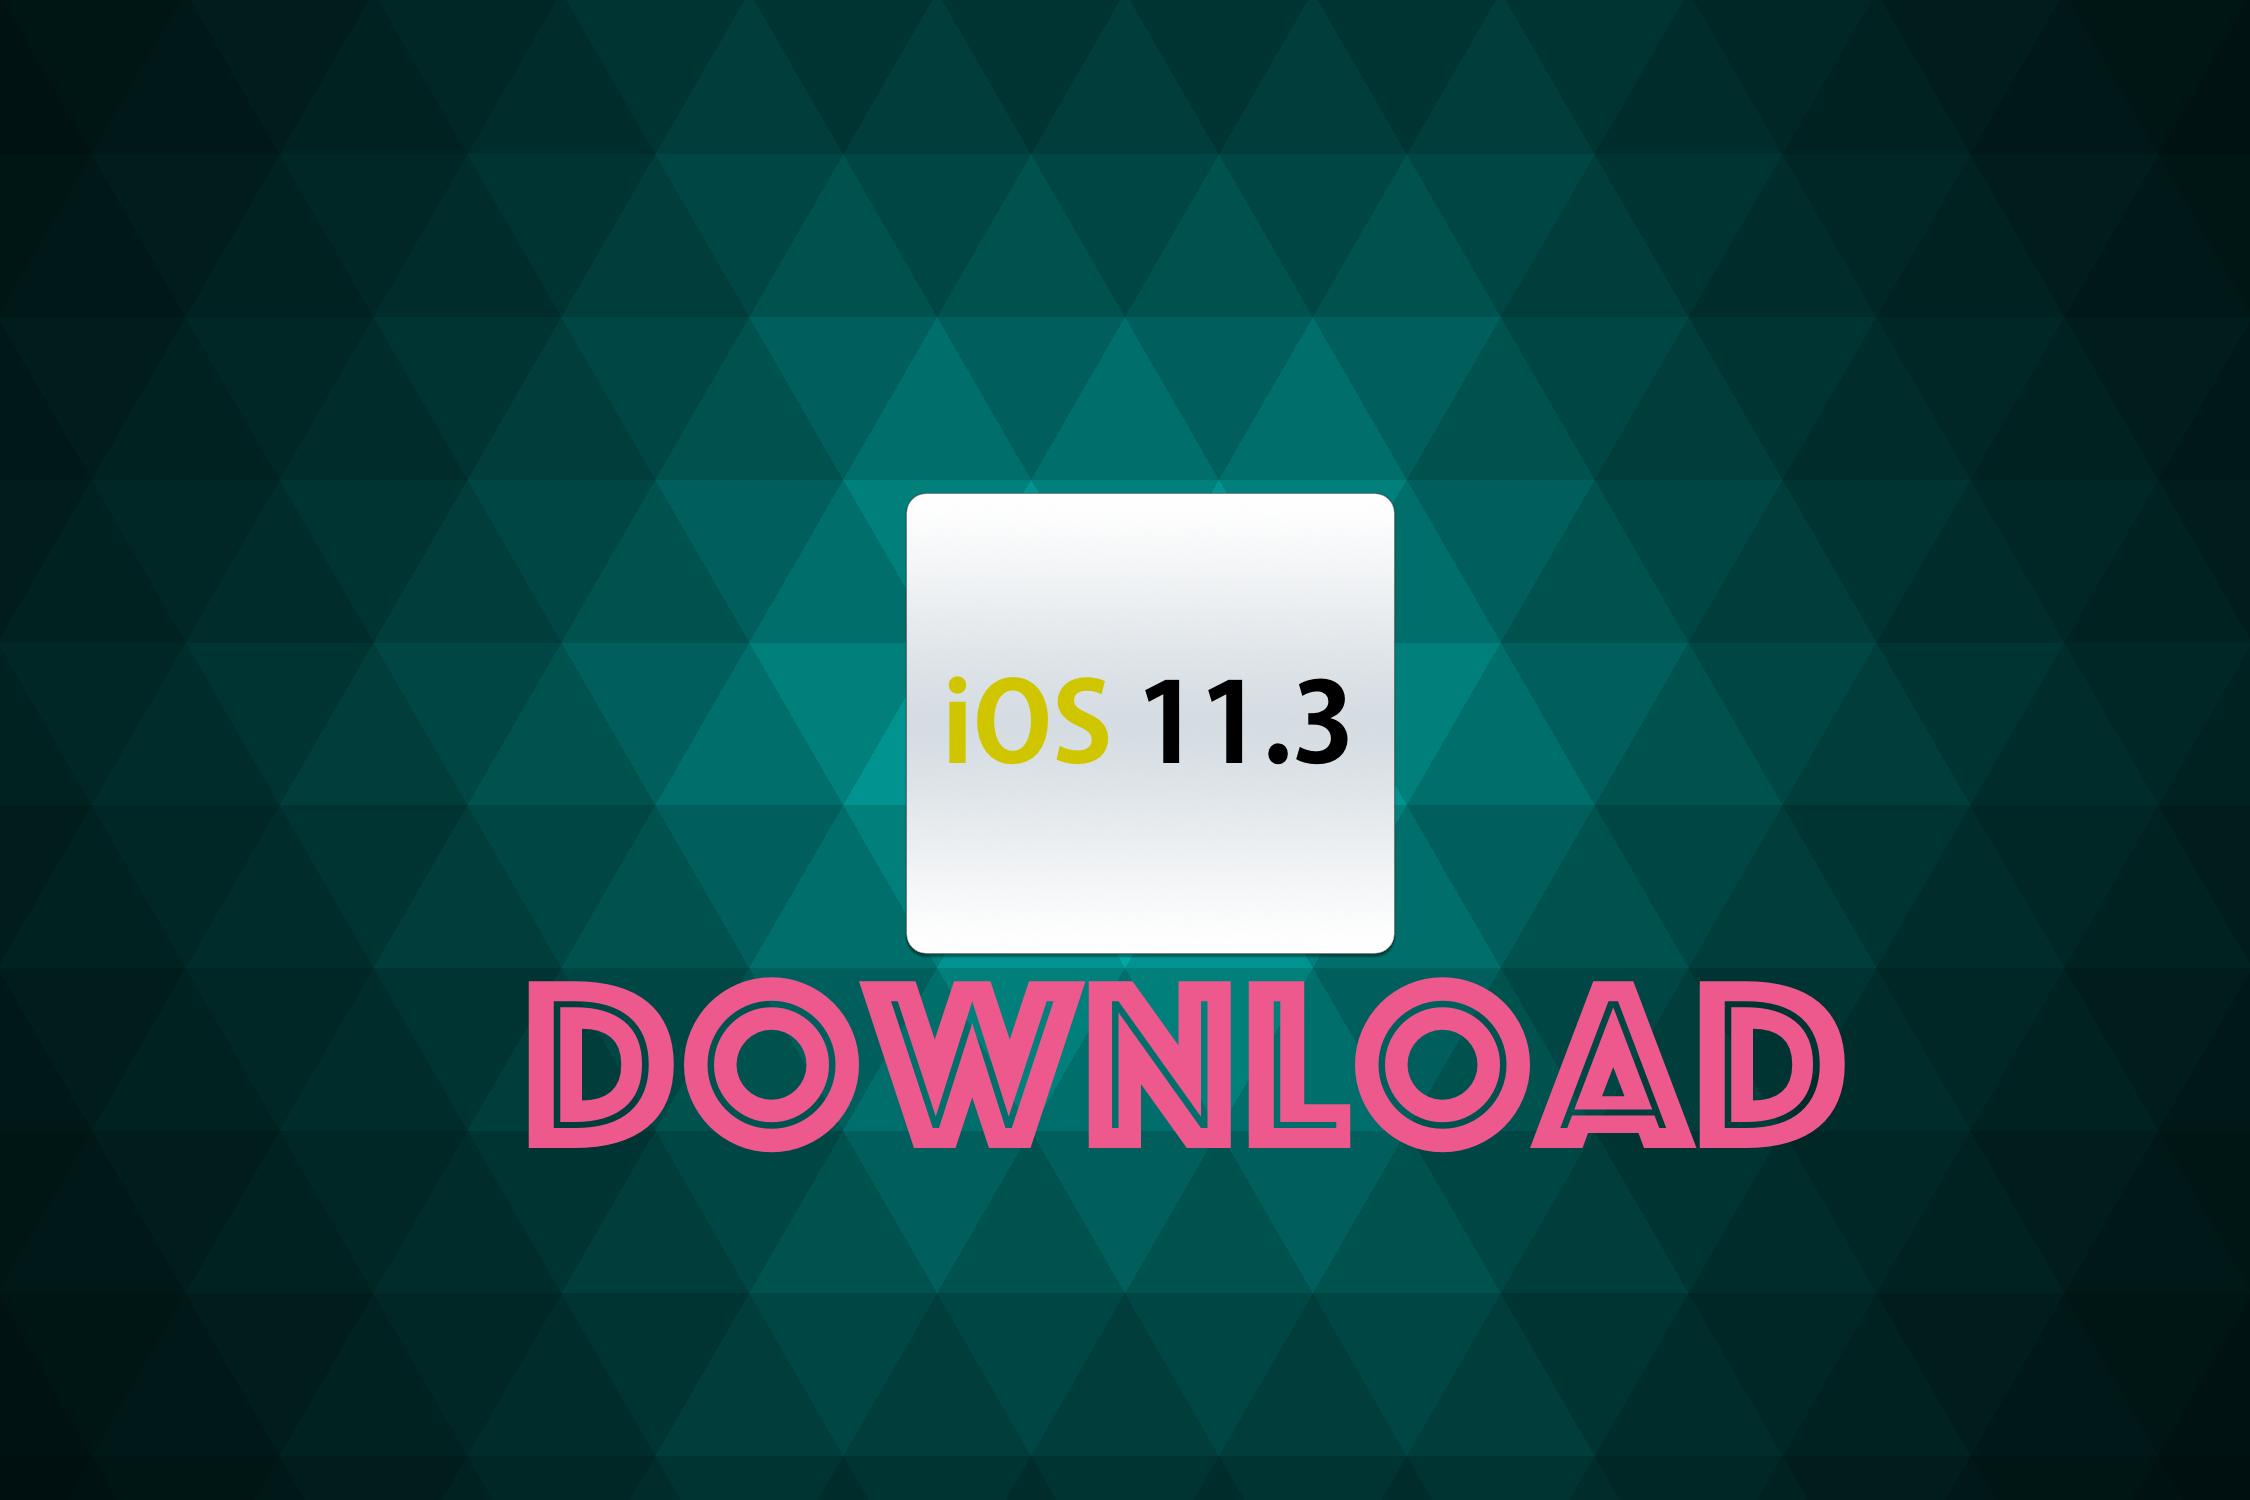 ios 11.3 final ipsw download